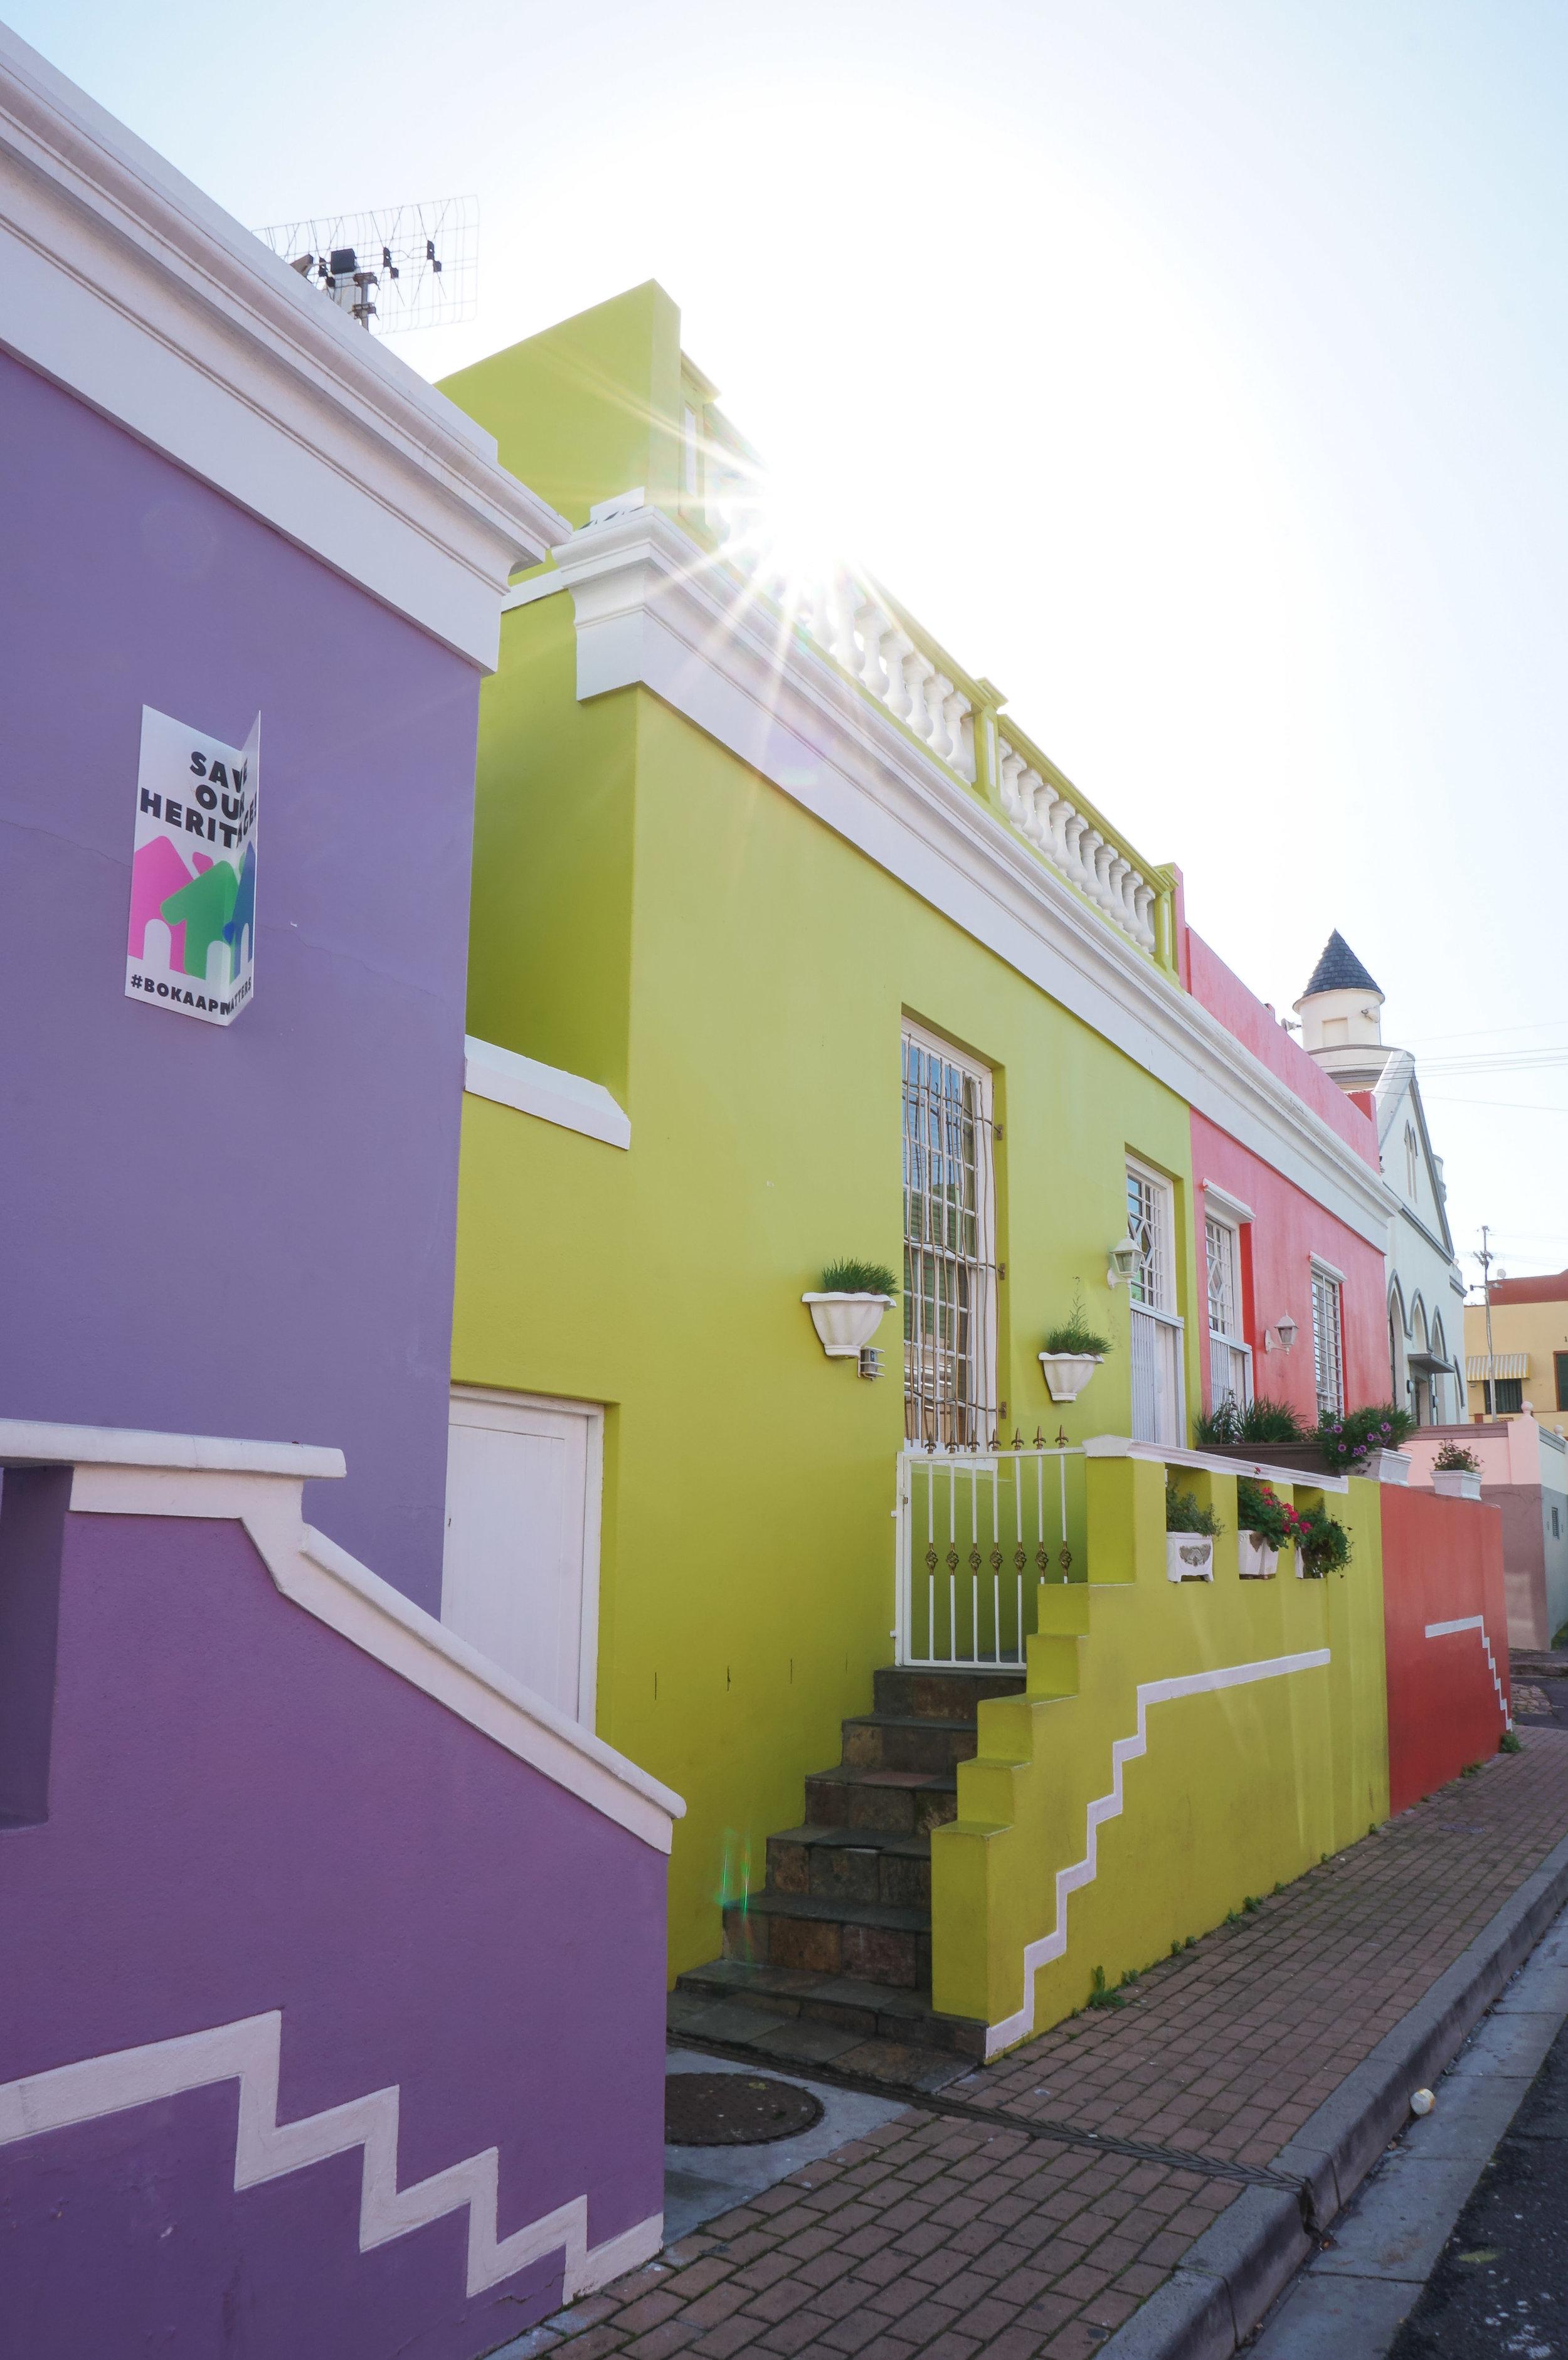 htk.photography.south.africa.bo'kaap.row.houses.sun.portrait.jpg